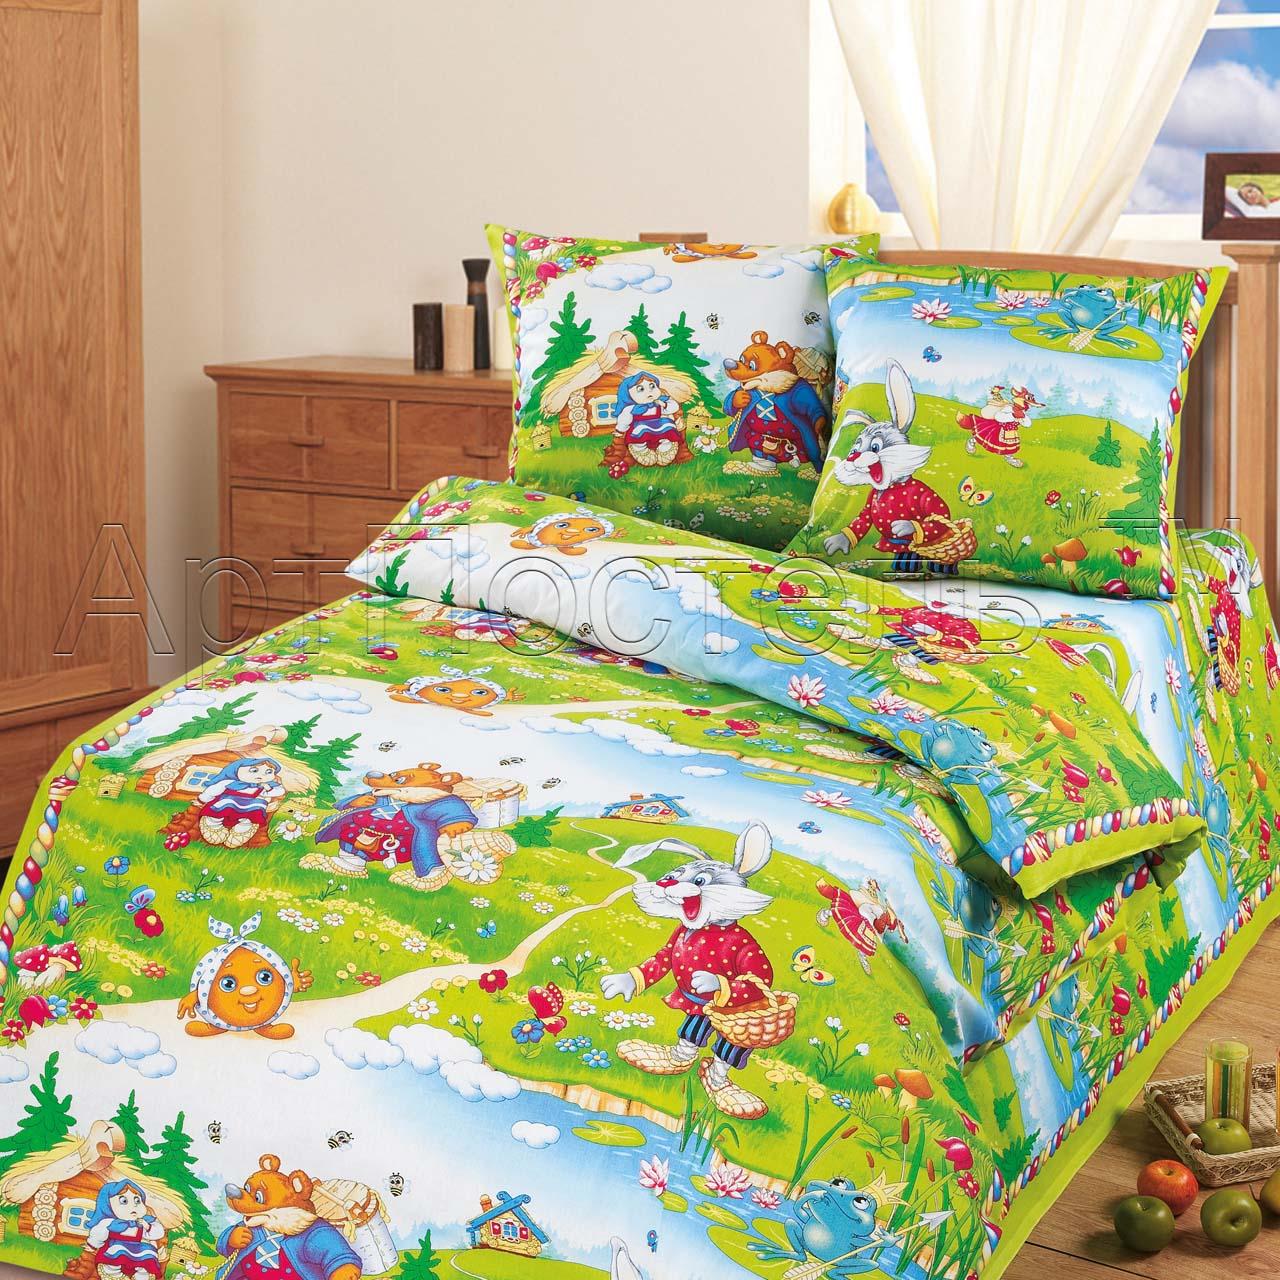 Детский комплект В гостях у сказки, размер 1,5-спальный